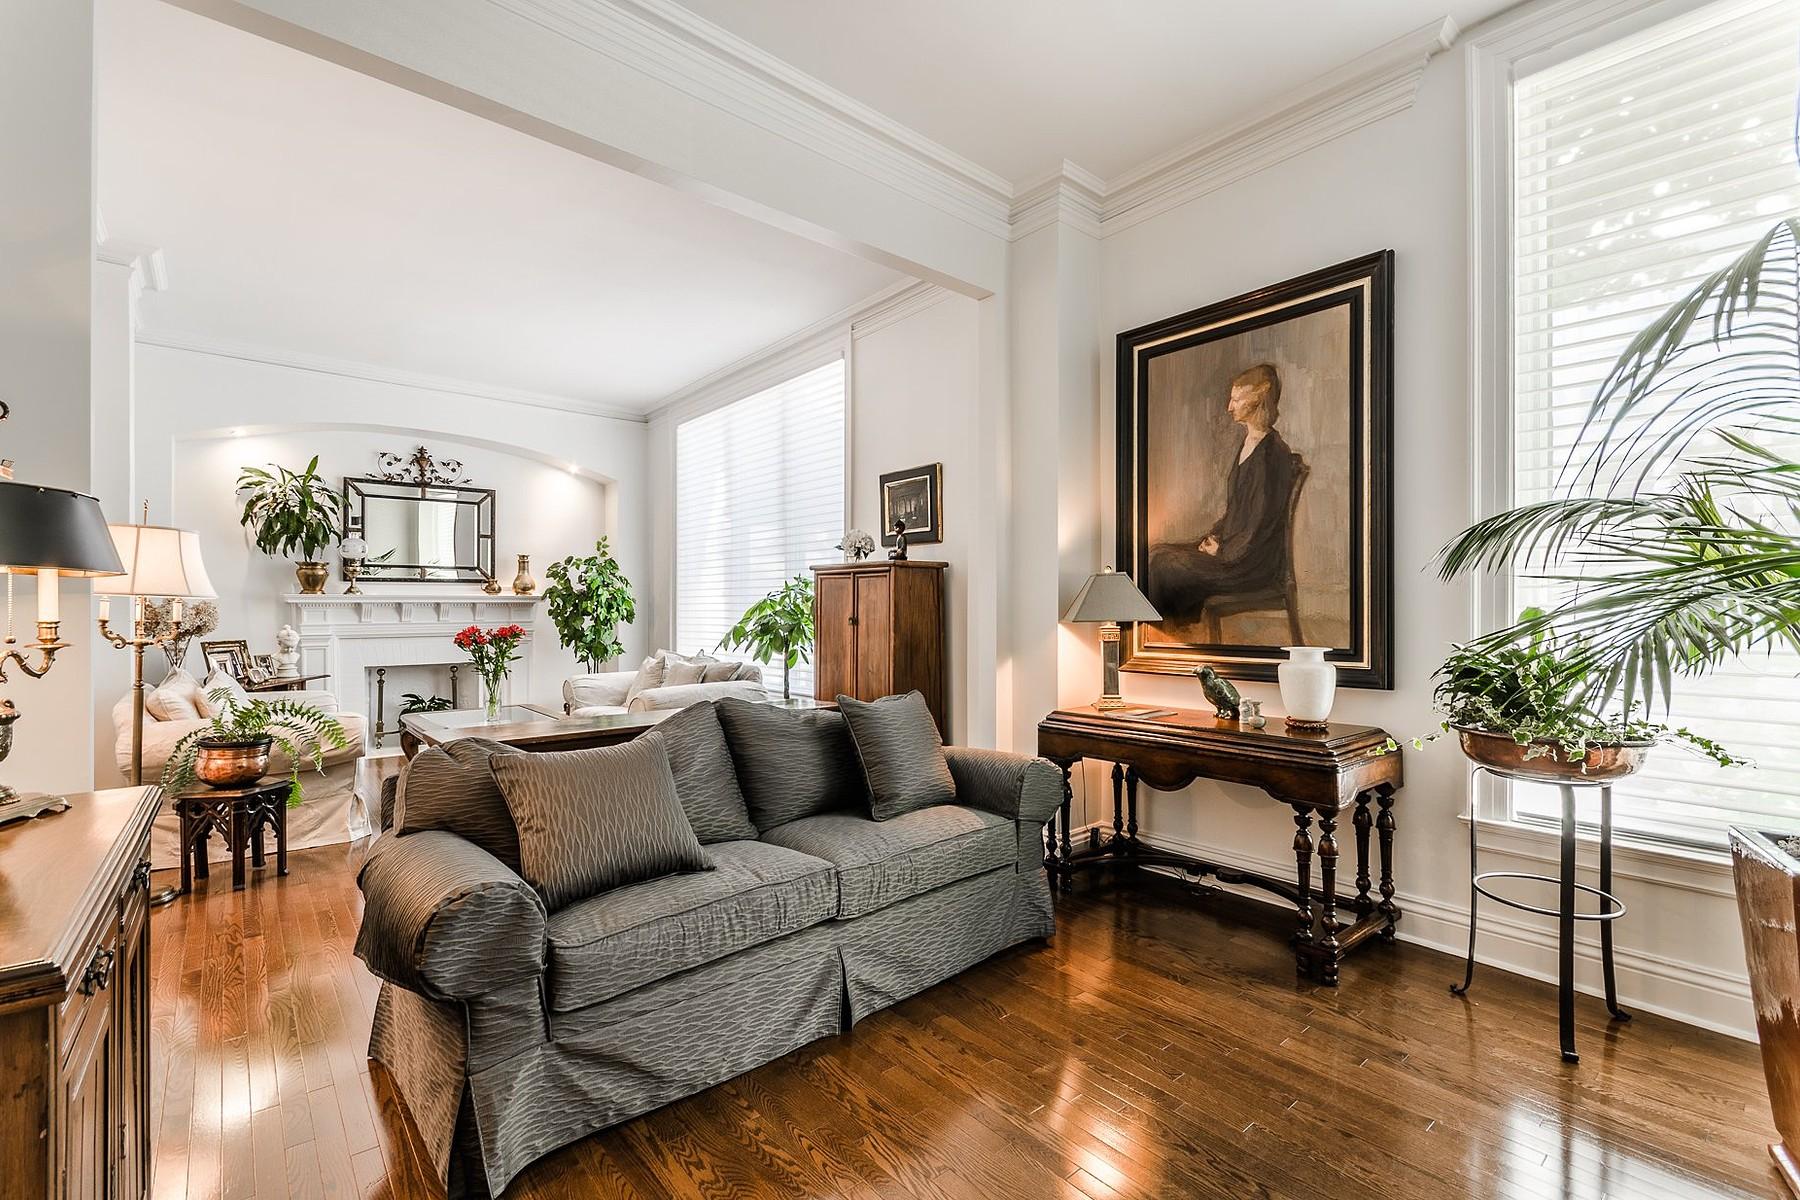 Einfamilienhaus für Verkauf beim Ville-Marie, Montréal 1509 Rue Sherbrooke O., Apt. 1-2 Ville-Marie, Quebec, H3G1M1 Kanada